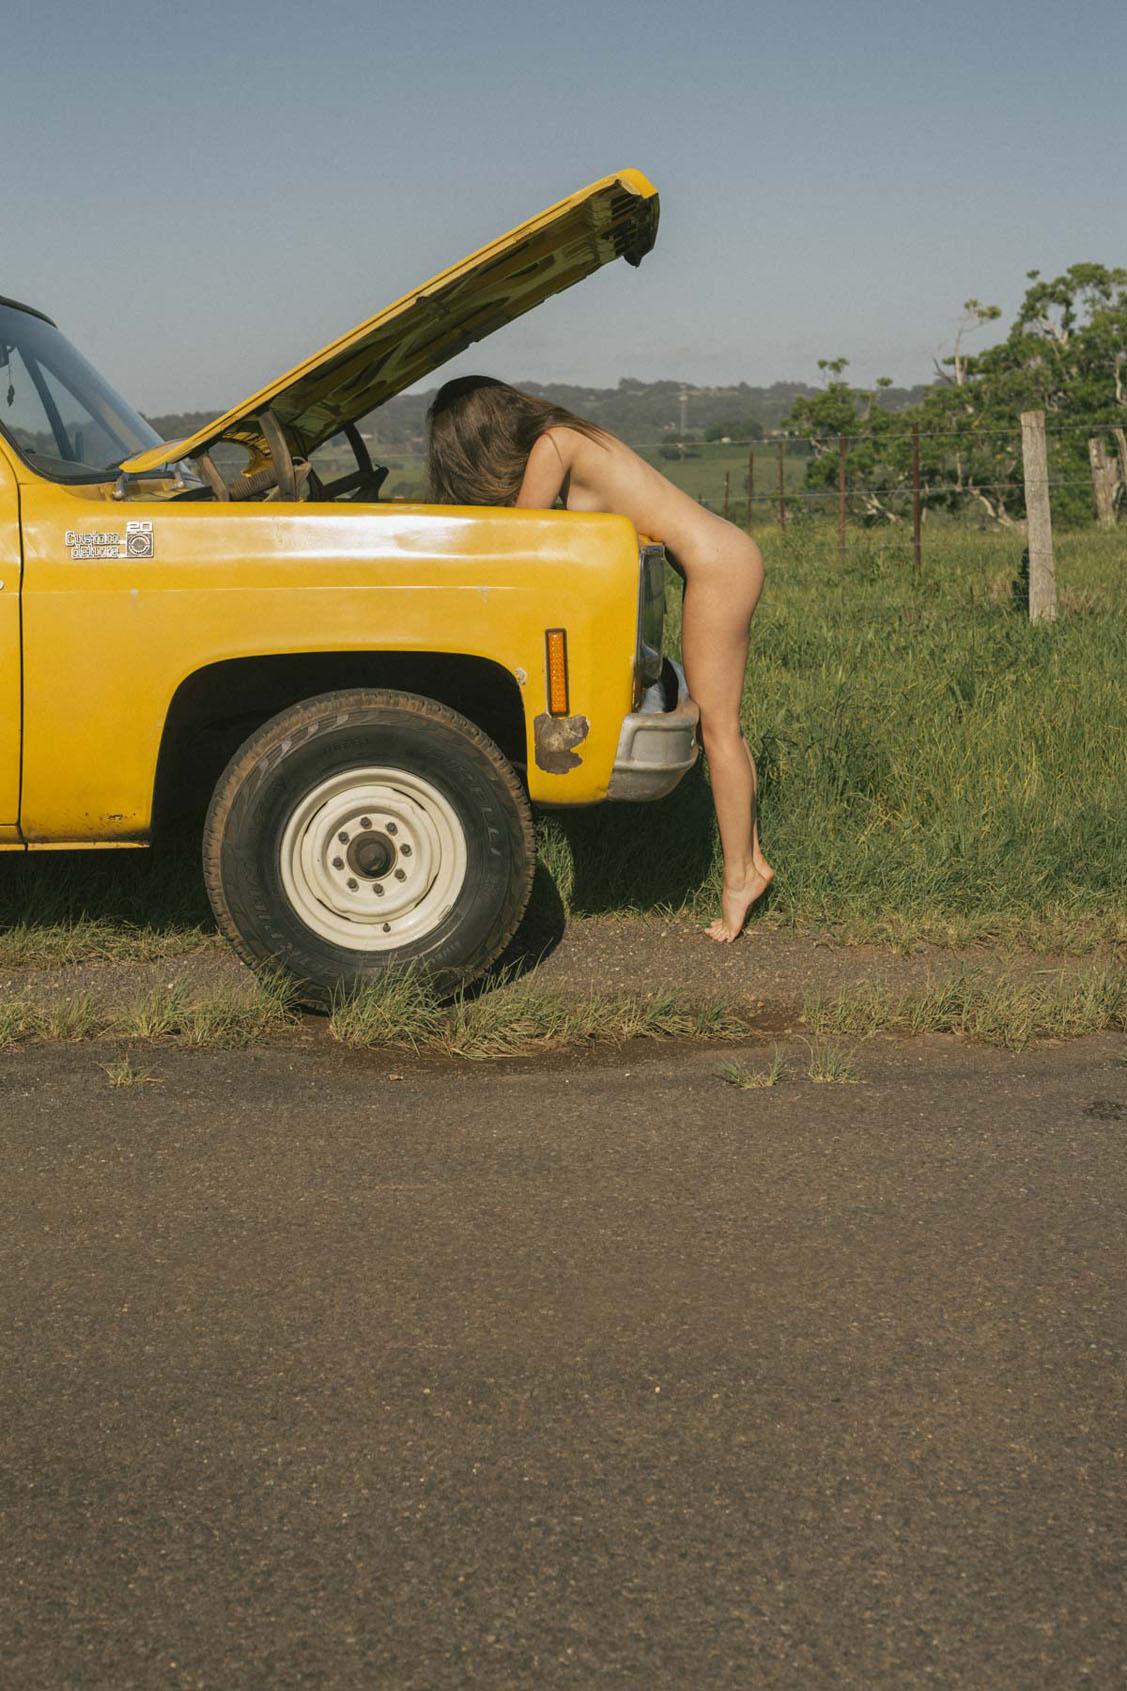 голая девушка в желтом грузовике на пустынной дороге / фото 27